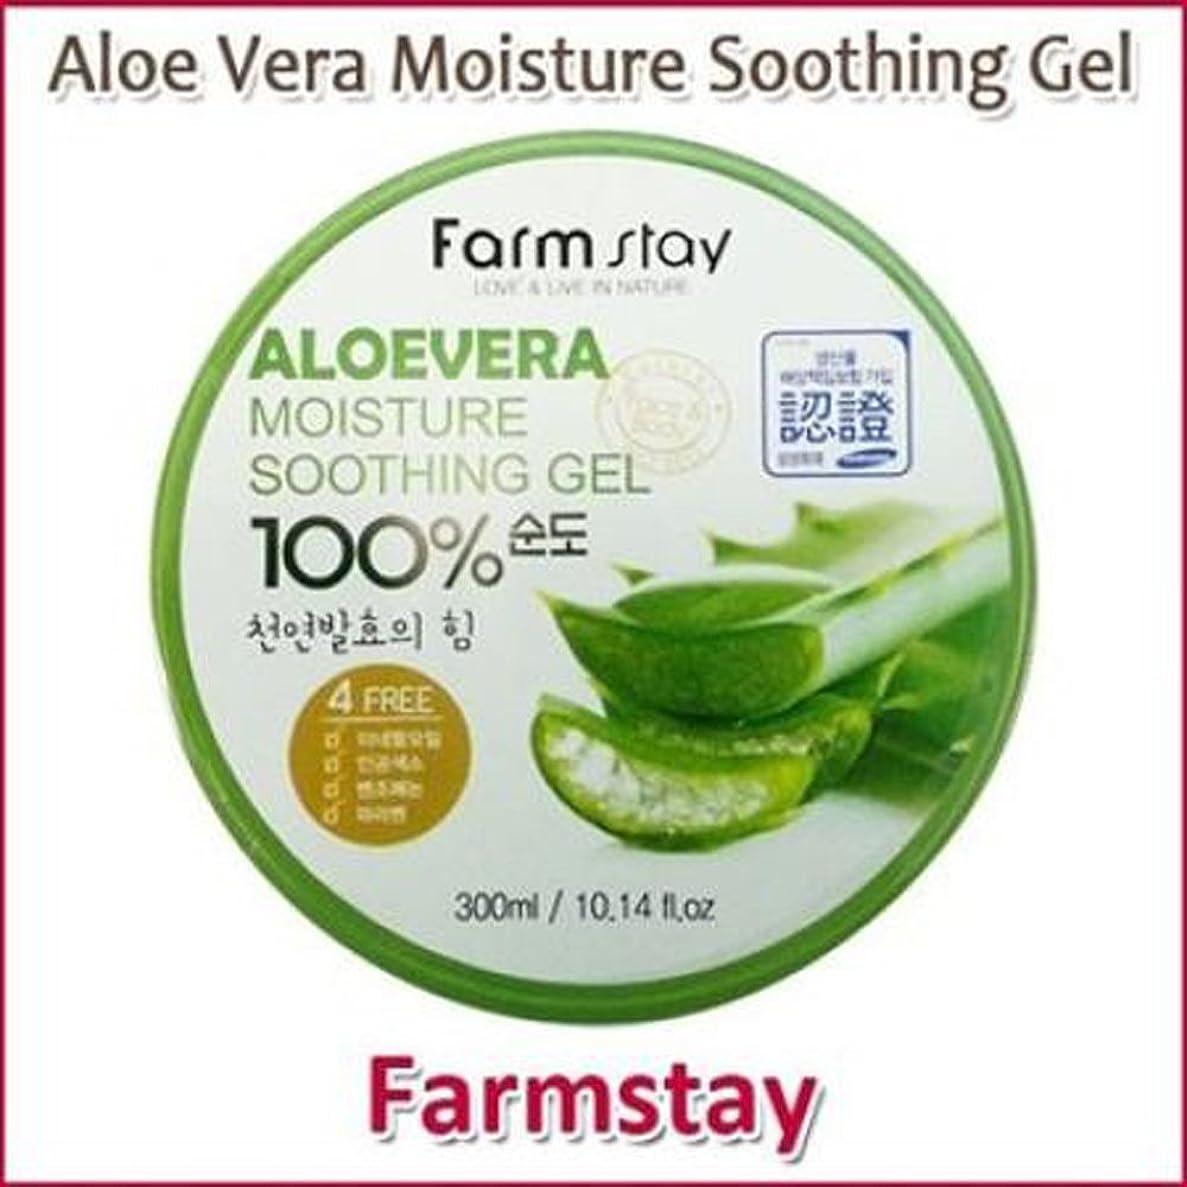 みぞれ百ぬいぐるみFarm Stay Aloe Vera Moisture Soothing Gel 300ml /オーガニック アロエベラゲル 100%/保湿ケア/韓国コスメ/Aloe Vera 100% /Moisturizing [並行輸入品]